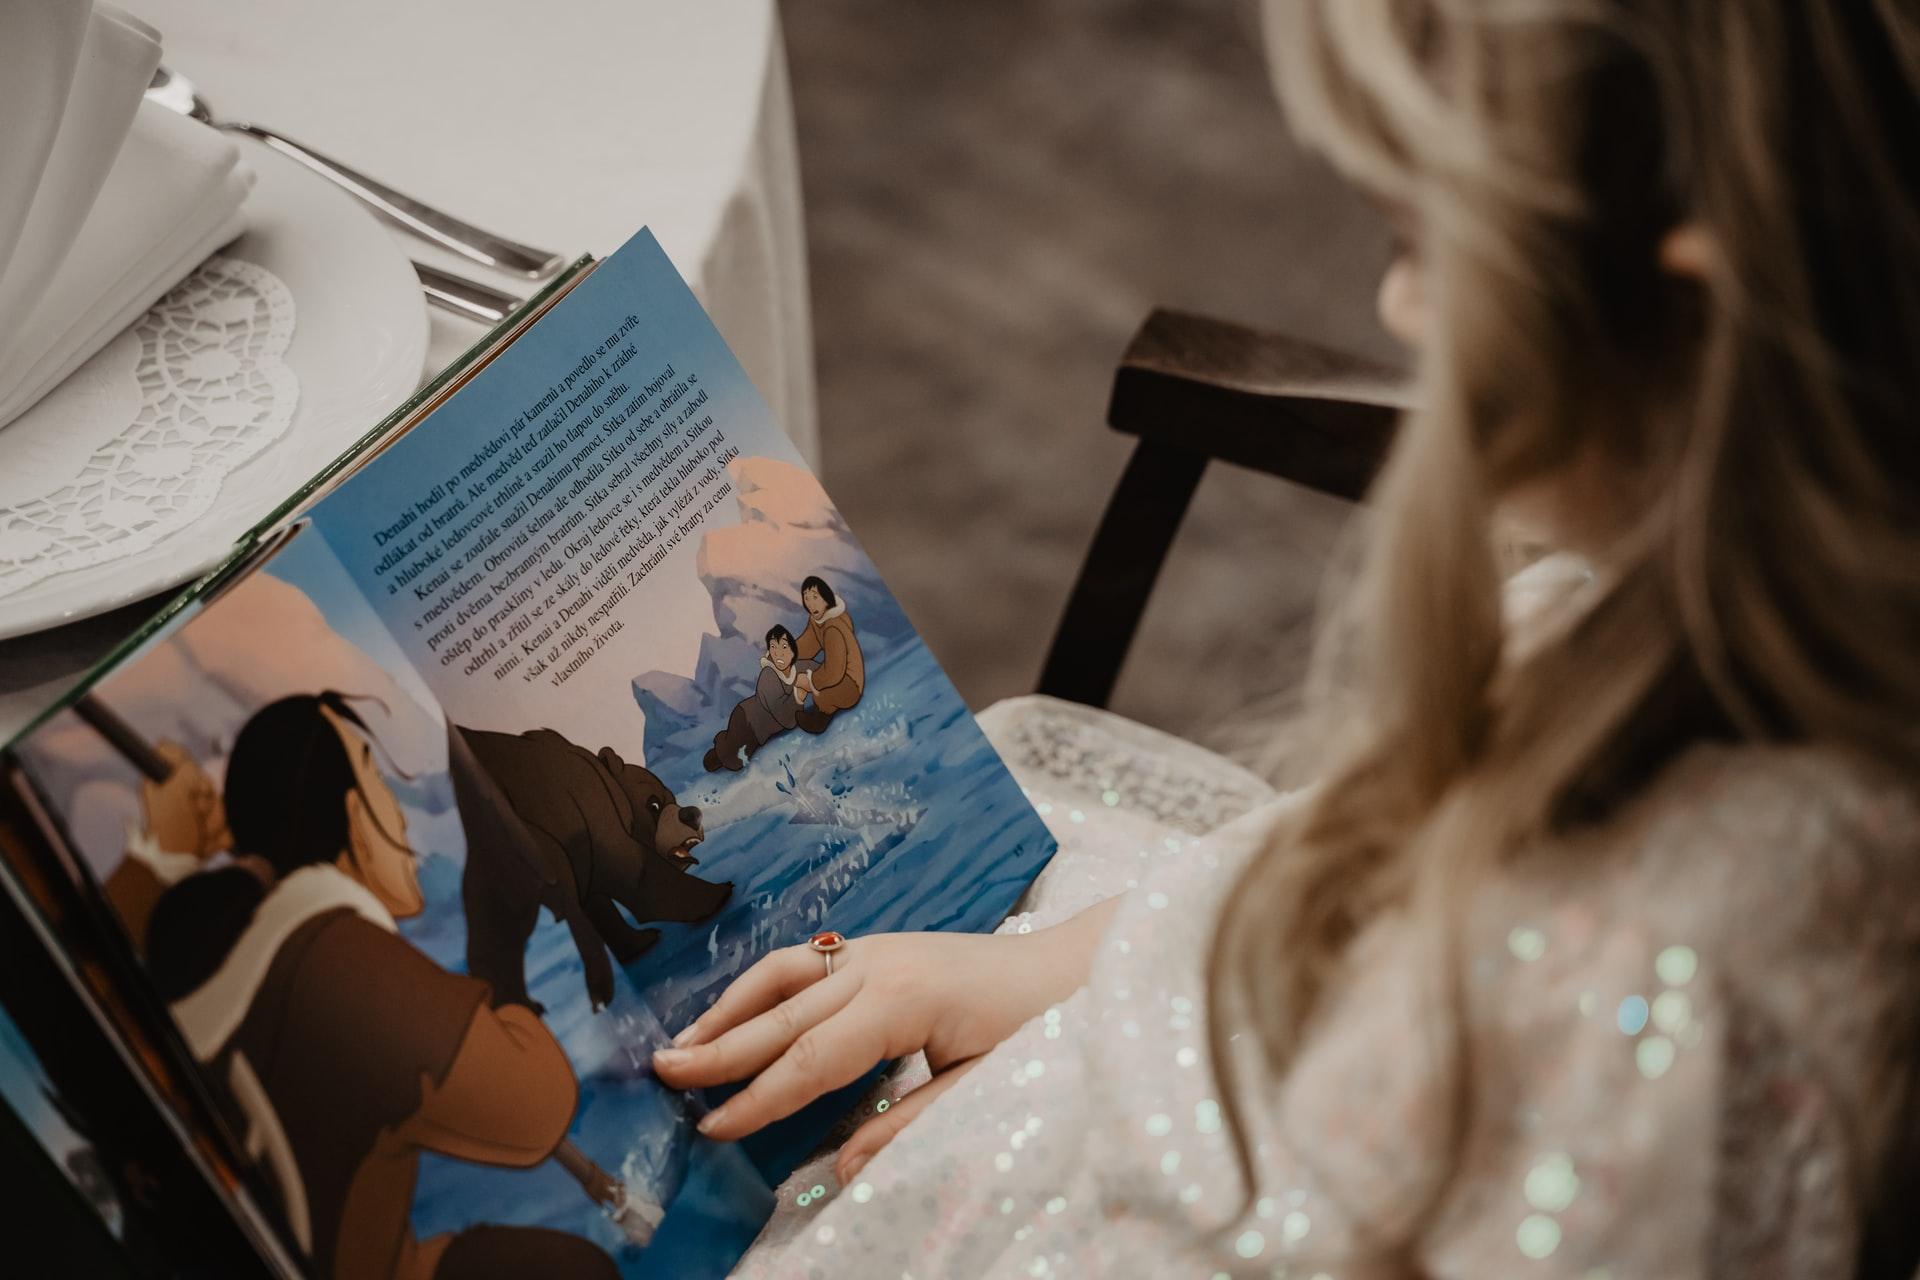 bambina che legge un libro